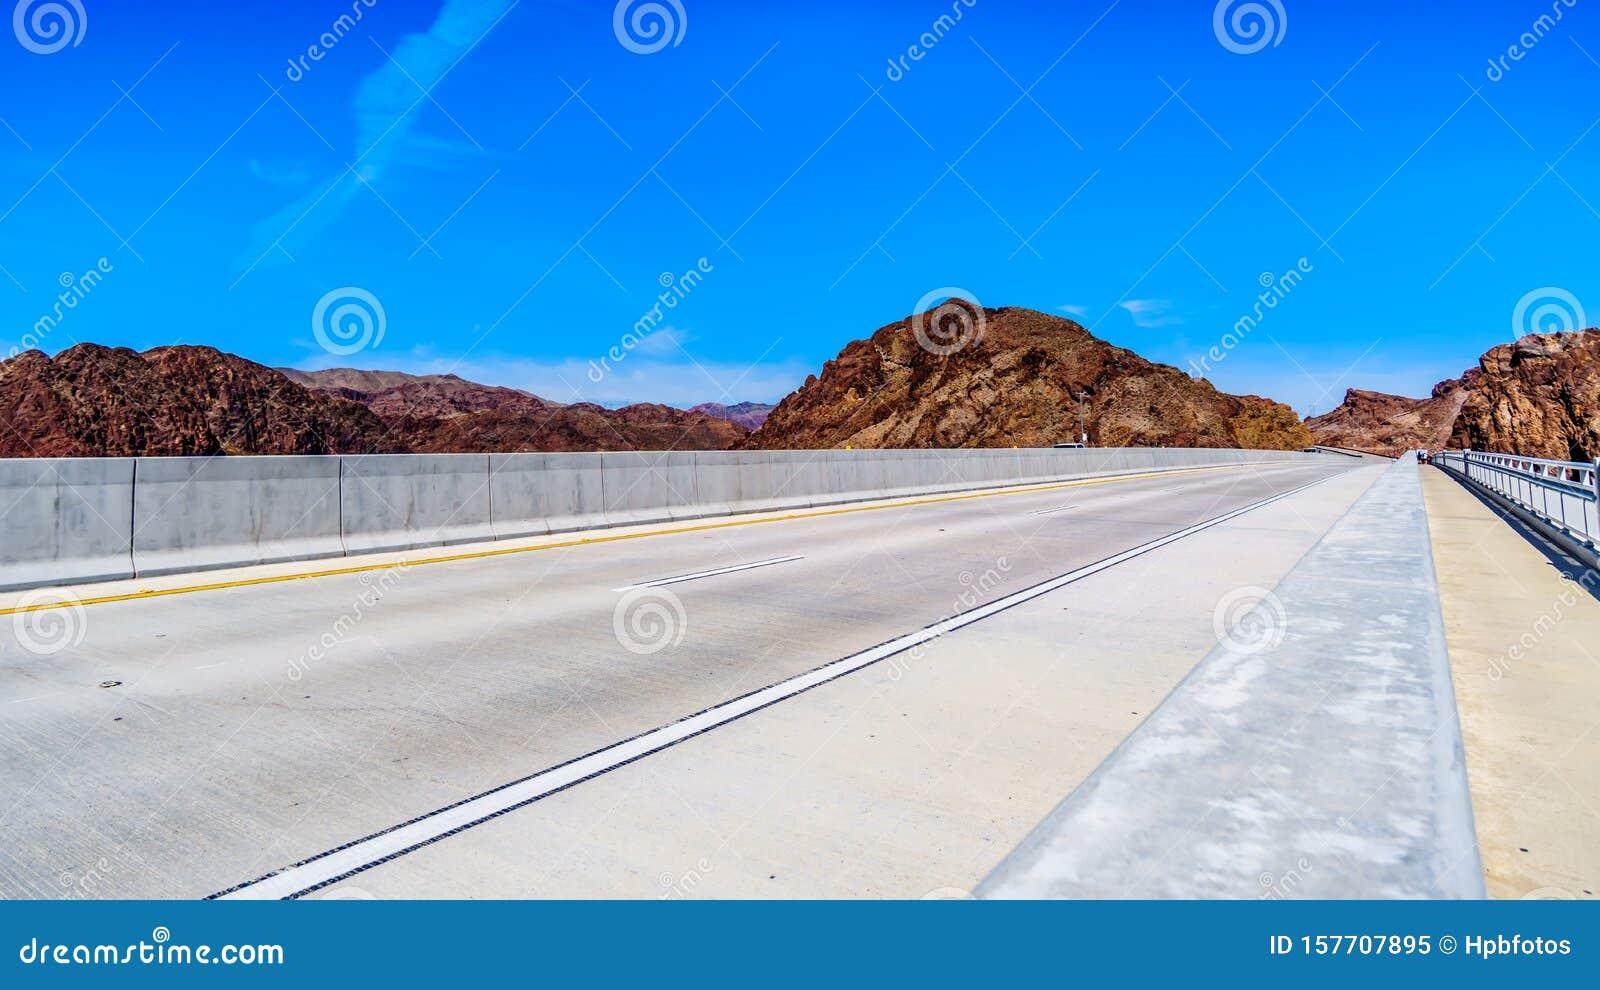 The bridge deck of the Mike O` Callaghan-Pat Tillman Memorial Bridge over the Colorado River at the Hoover Dam